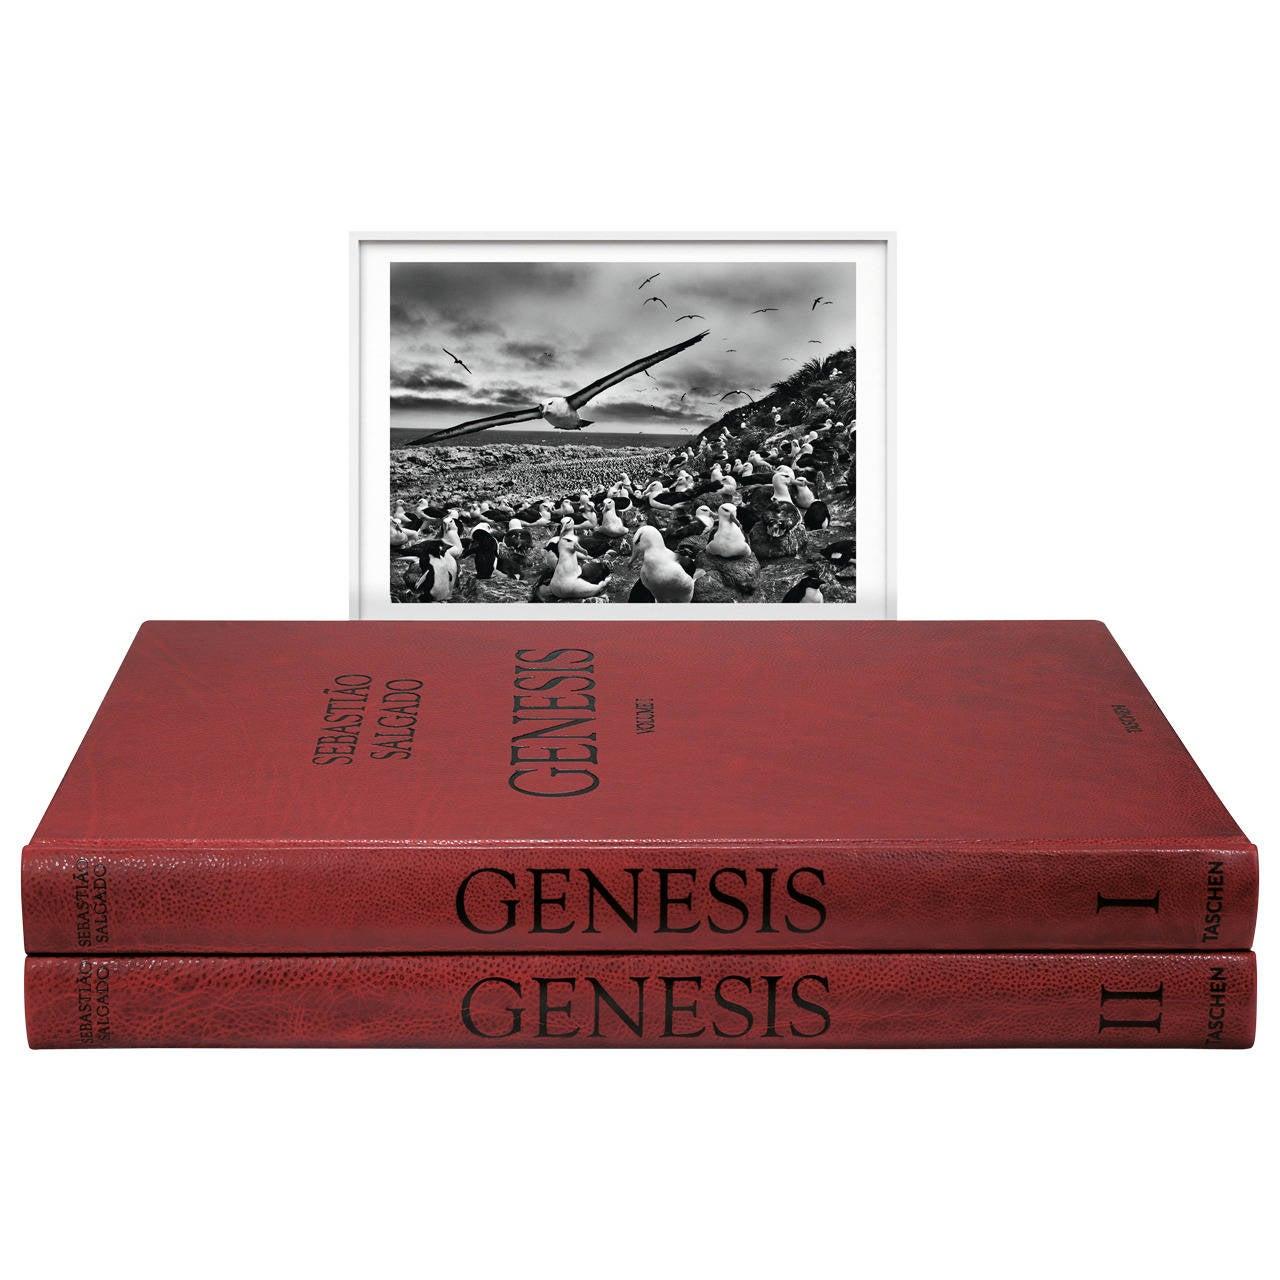 Sebastião Salgado: Genesis, Art Edition C For Sale